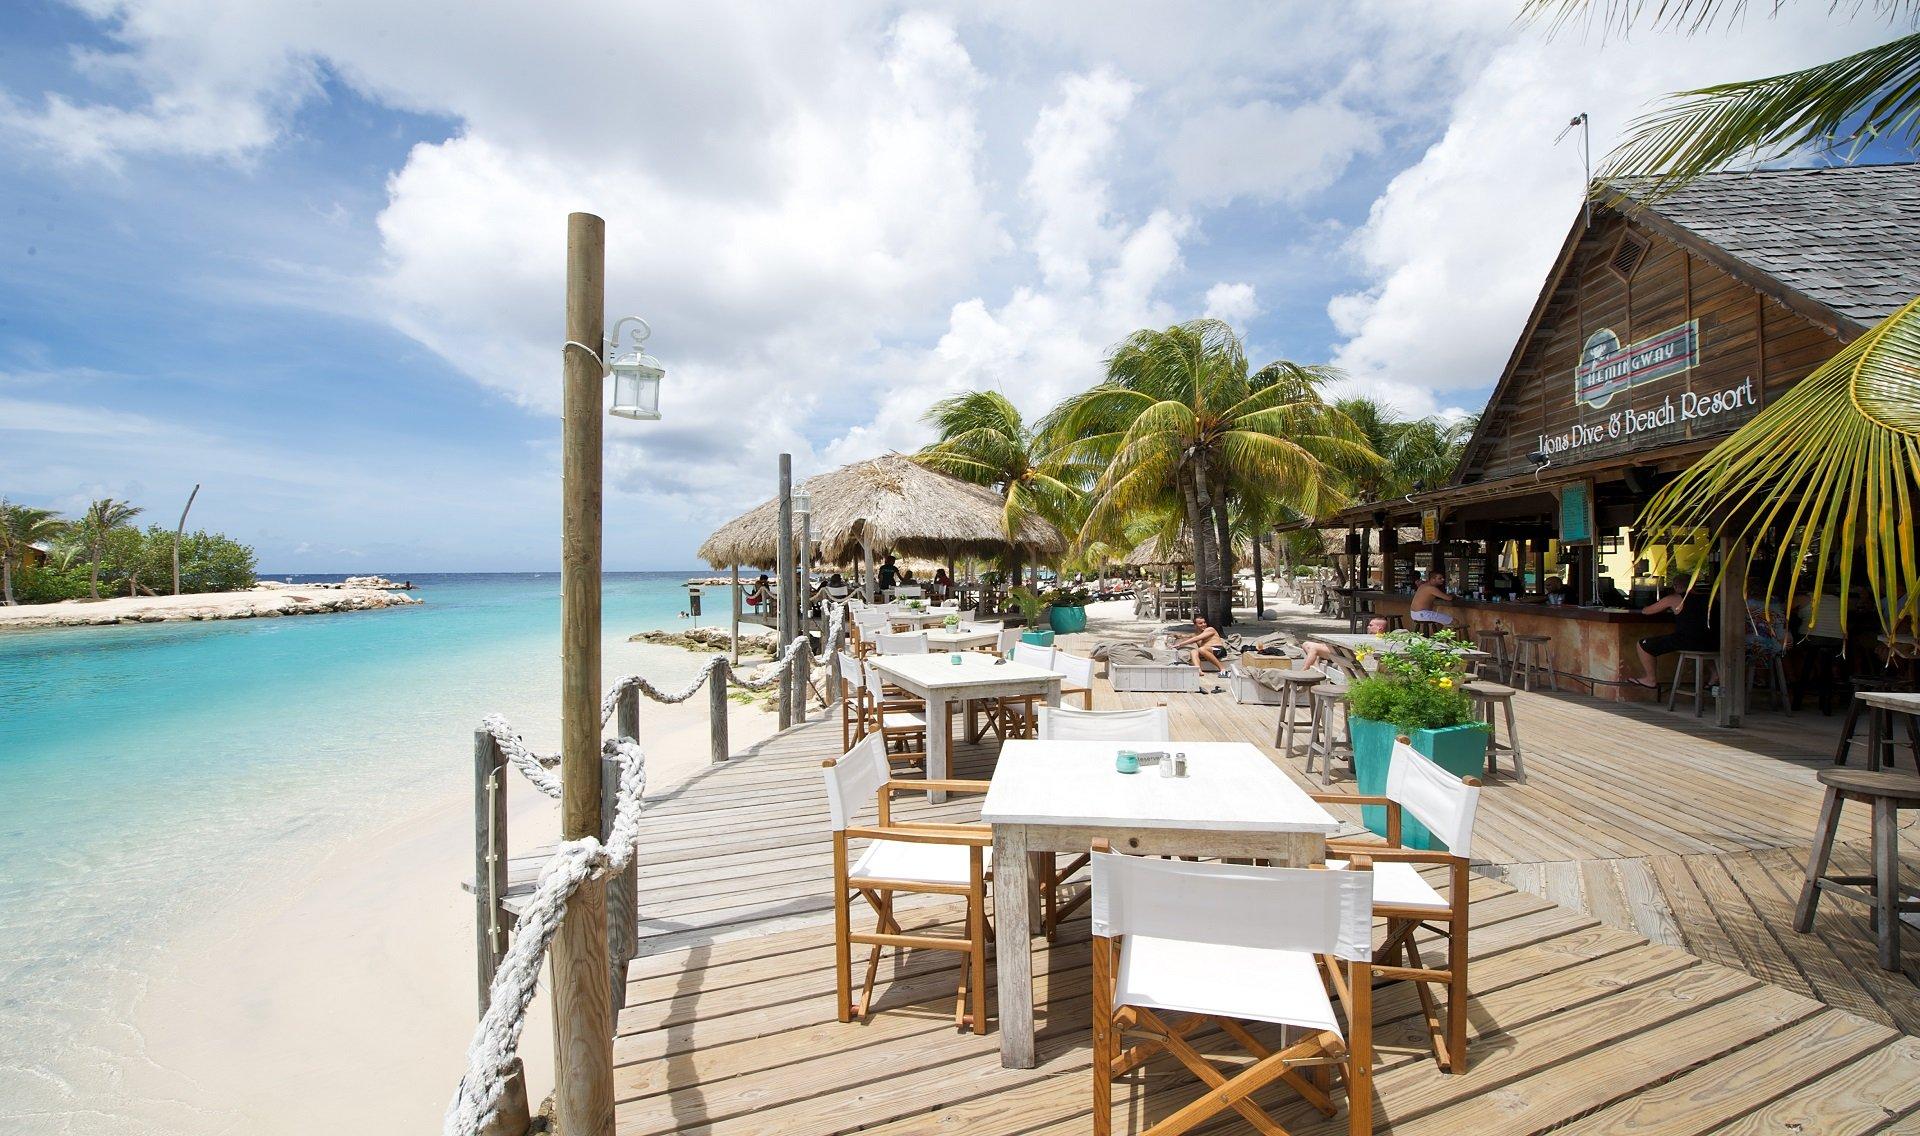 Duikvakantie lions dive beach resort dive and travel - Sanom beach dive resort ...